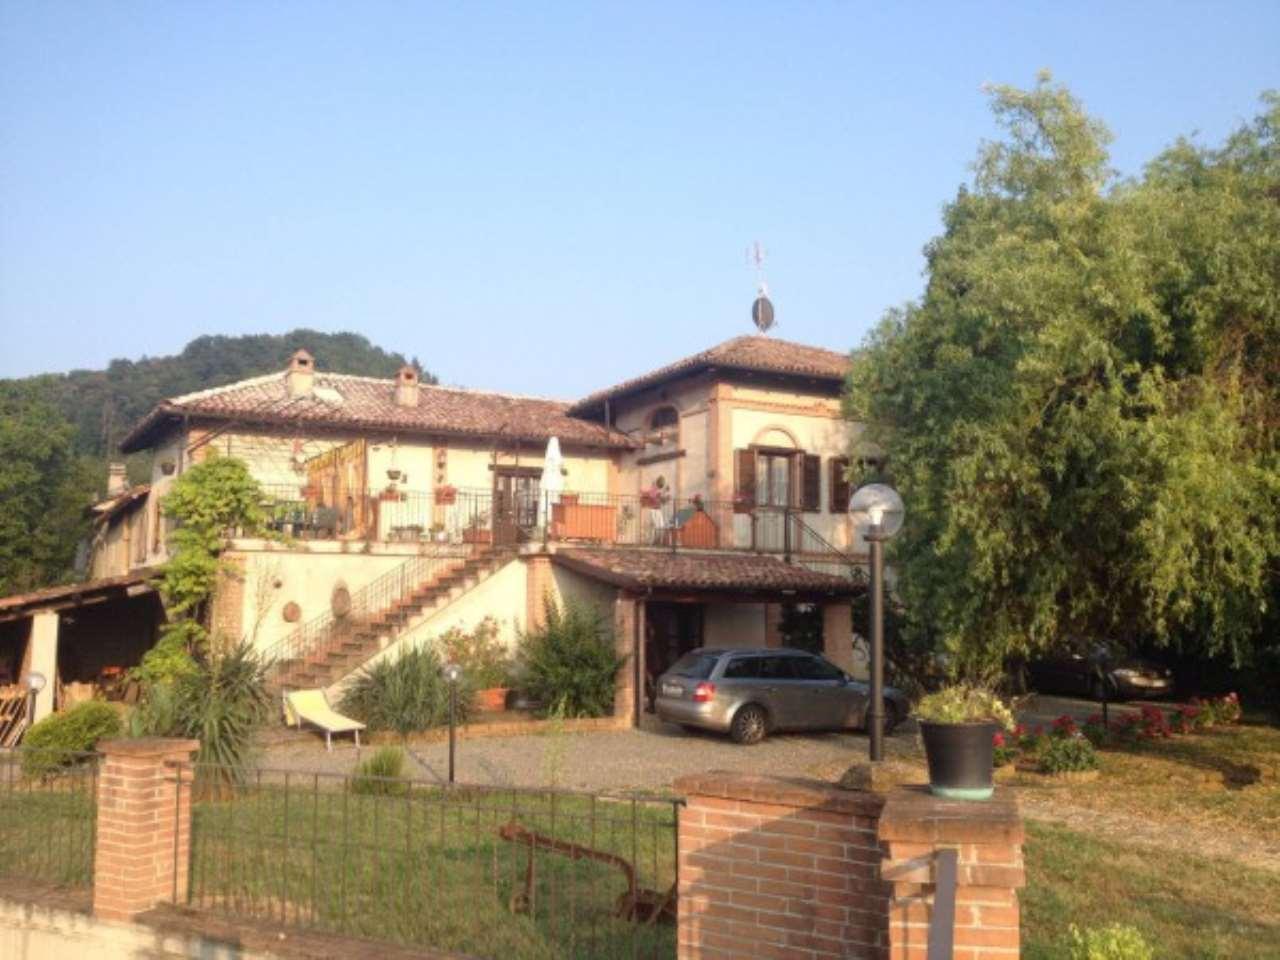 Rustico / Casale in vendita a Cossano Belbo, 6 locali, prezzo € 365.000   Cambio Casa.it